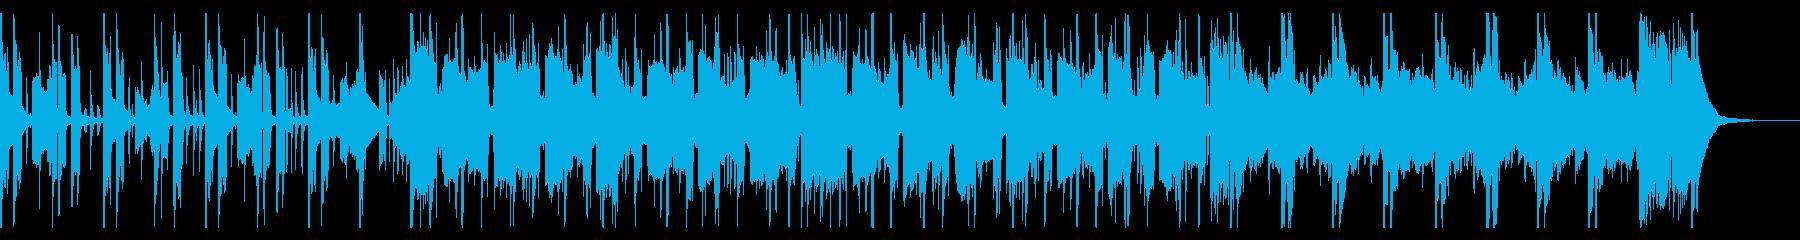 大人のムード漂うロック風ジャズテイストの再生済みの波形